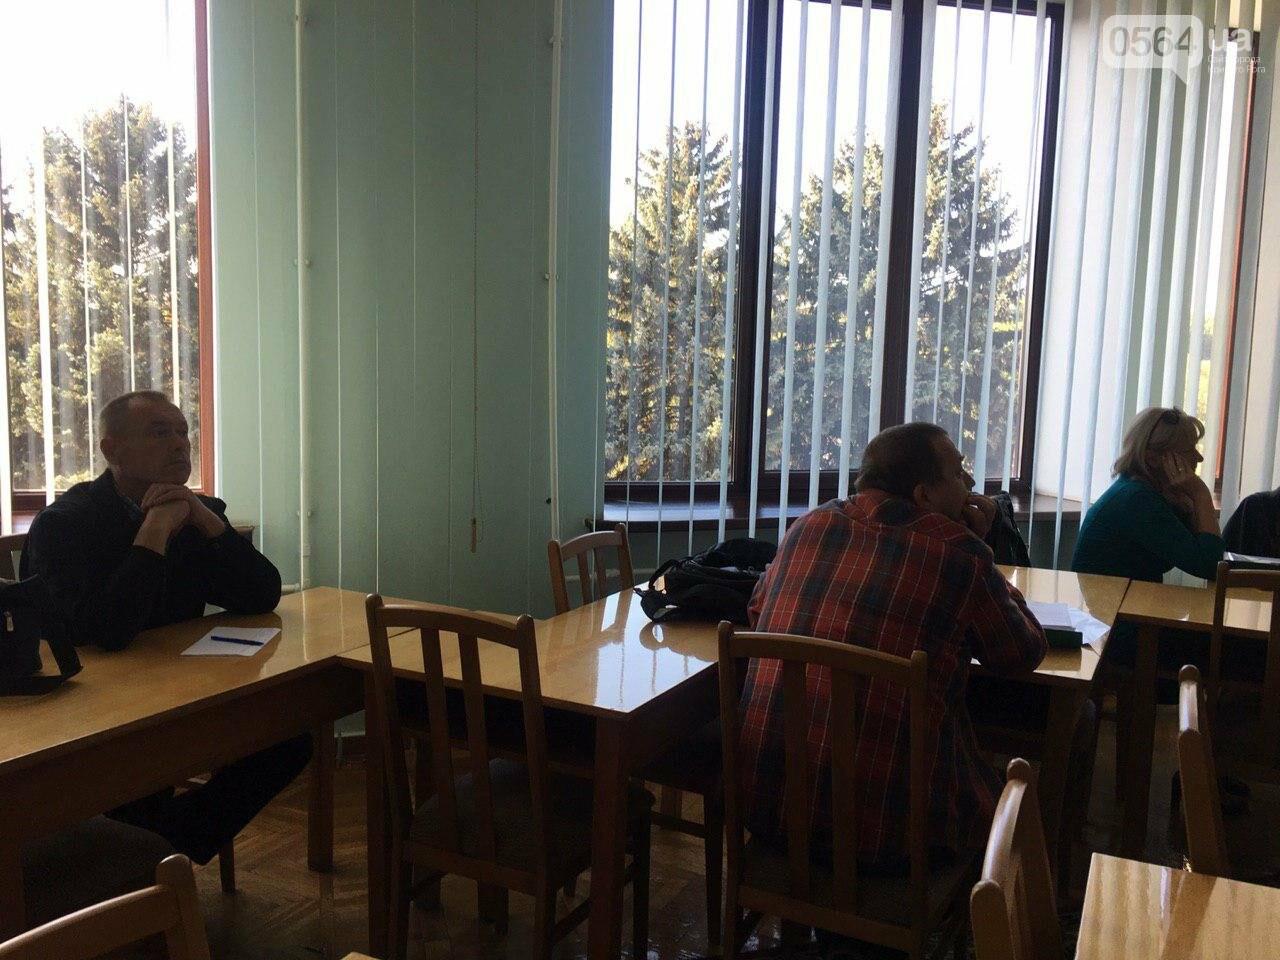 Депутаты Криворожского горсовета обсудили, куда и когда перенесут из зоны обрушения детский сад, - ФОТО , фото-4